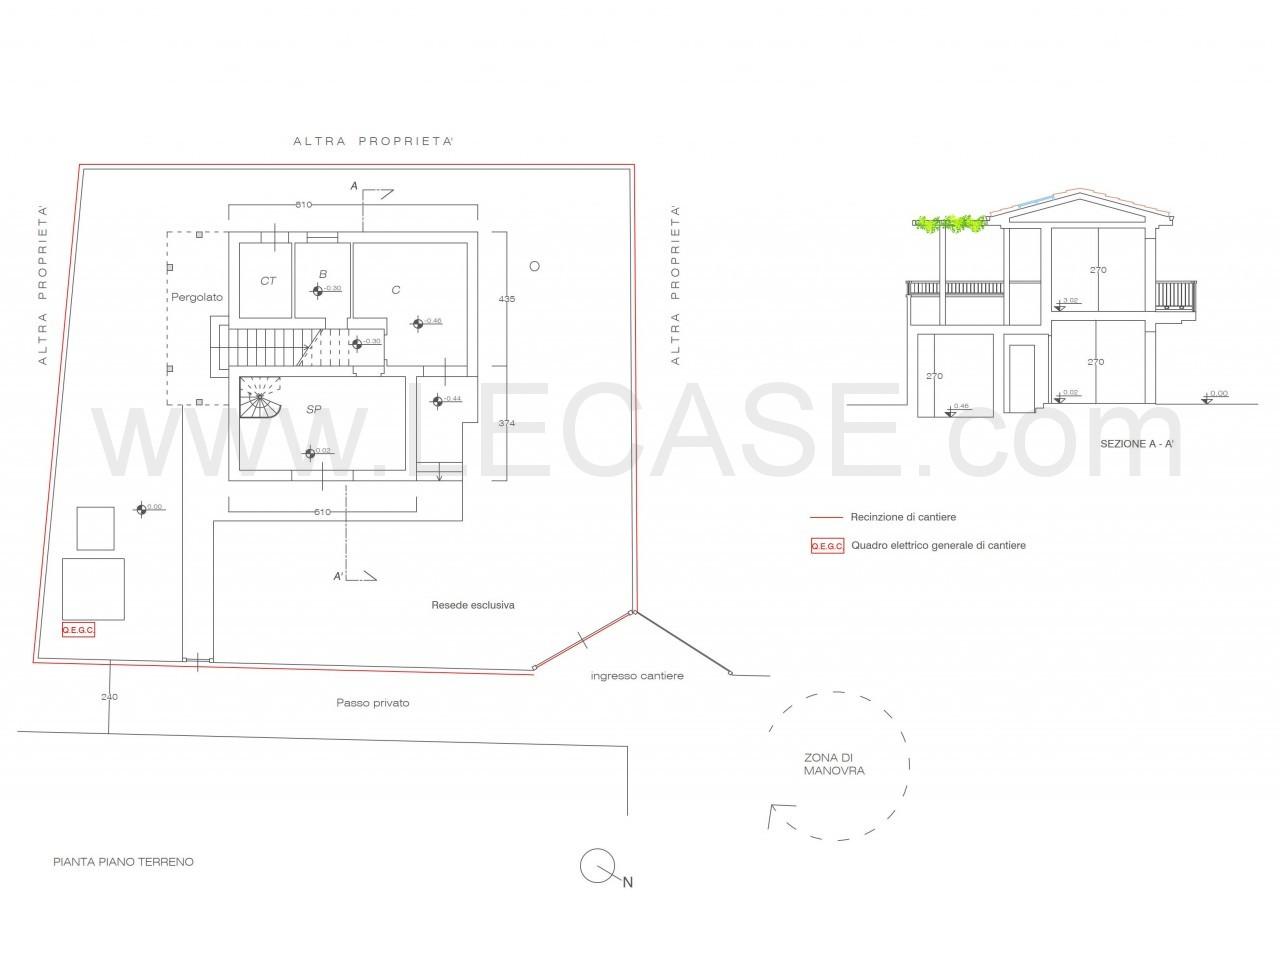 Terreno edificabile con progetto approvato per villa singola centrale in vendita